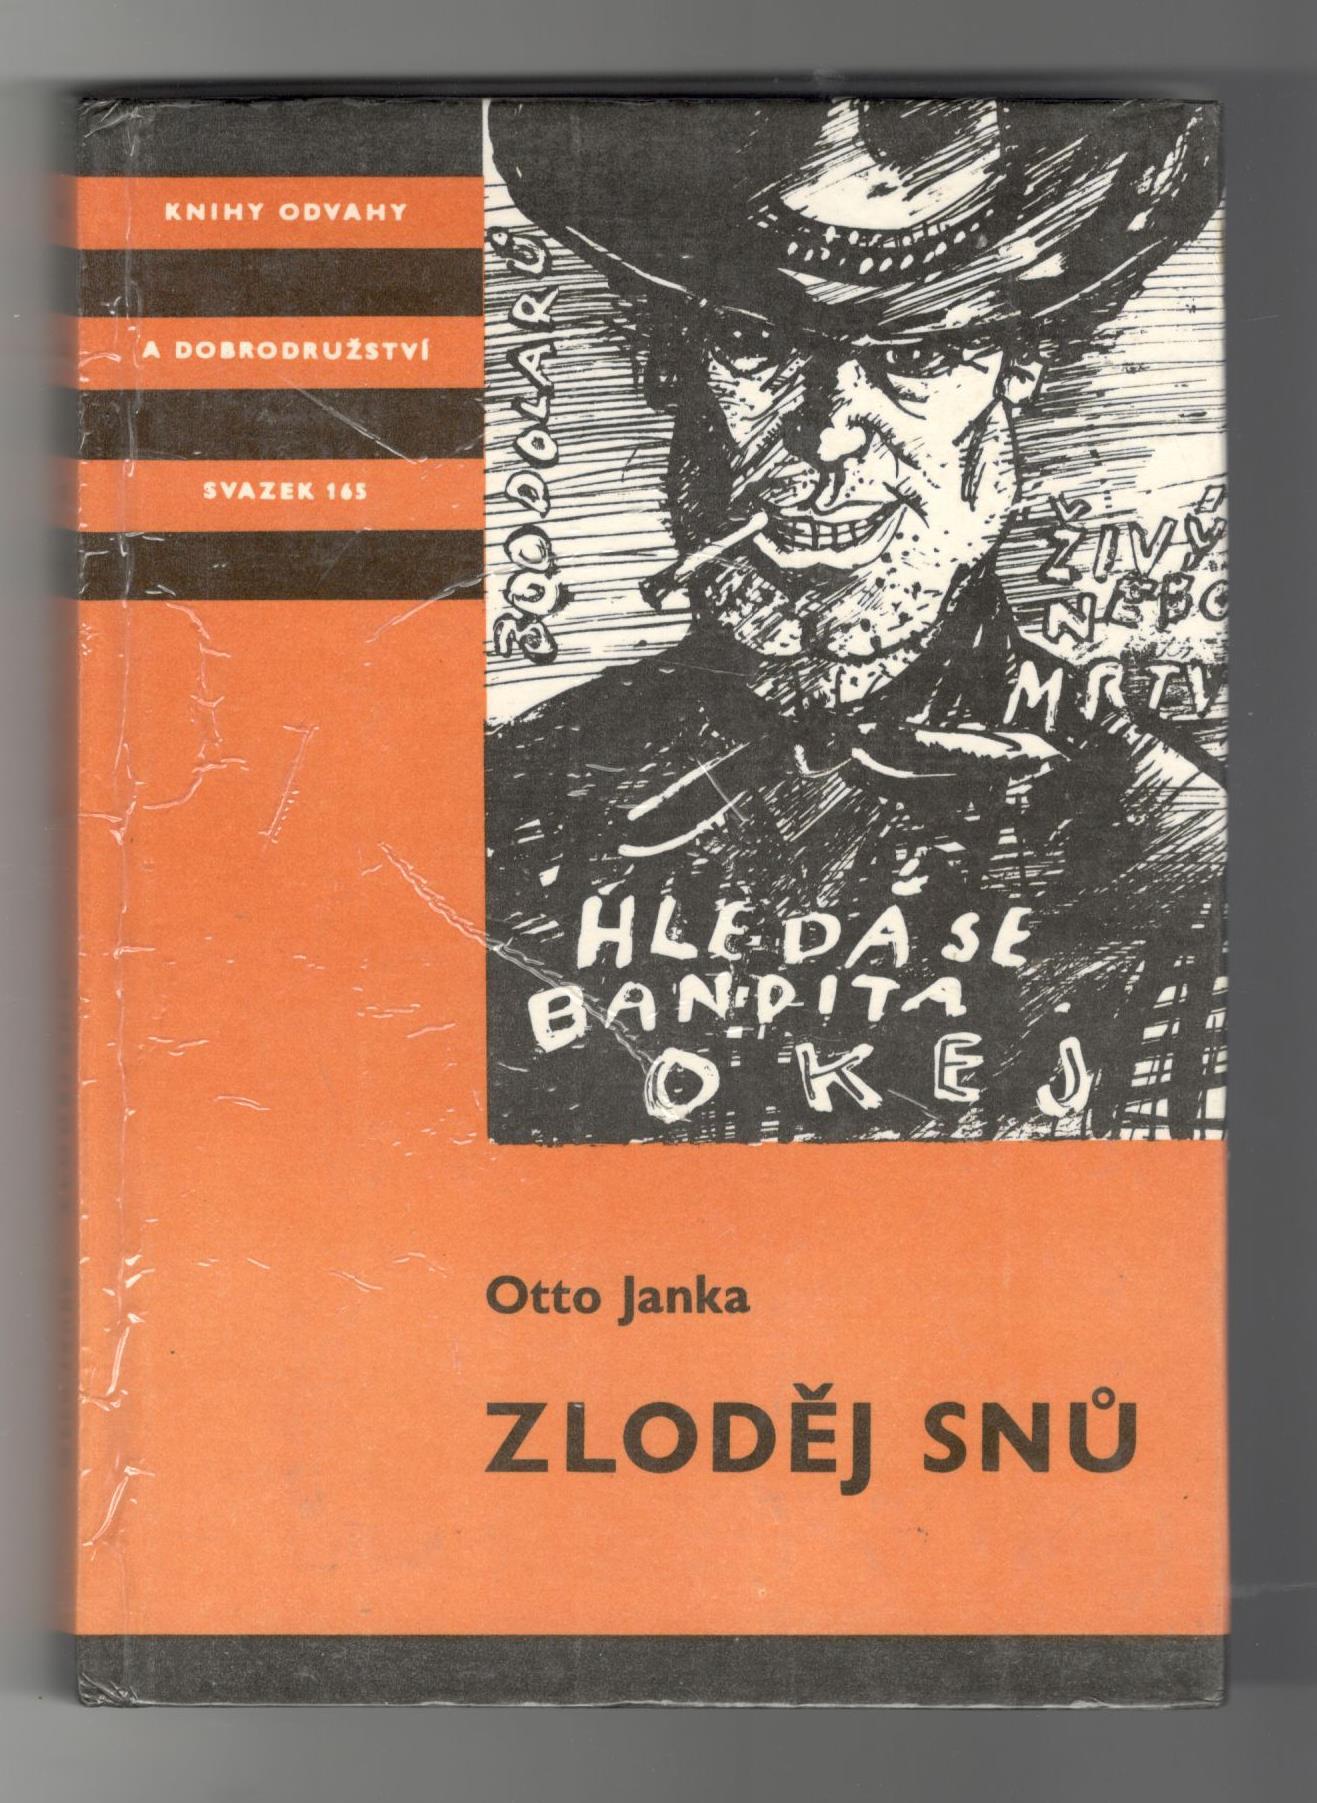 Zloděj snů - Otto Janka (KOD)